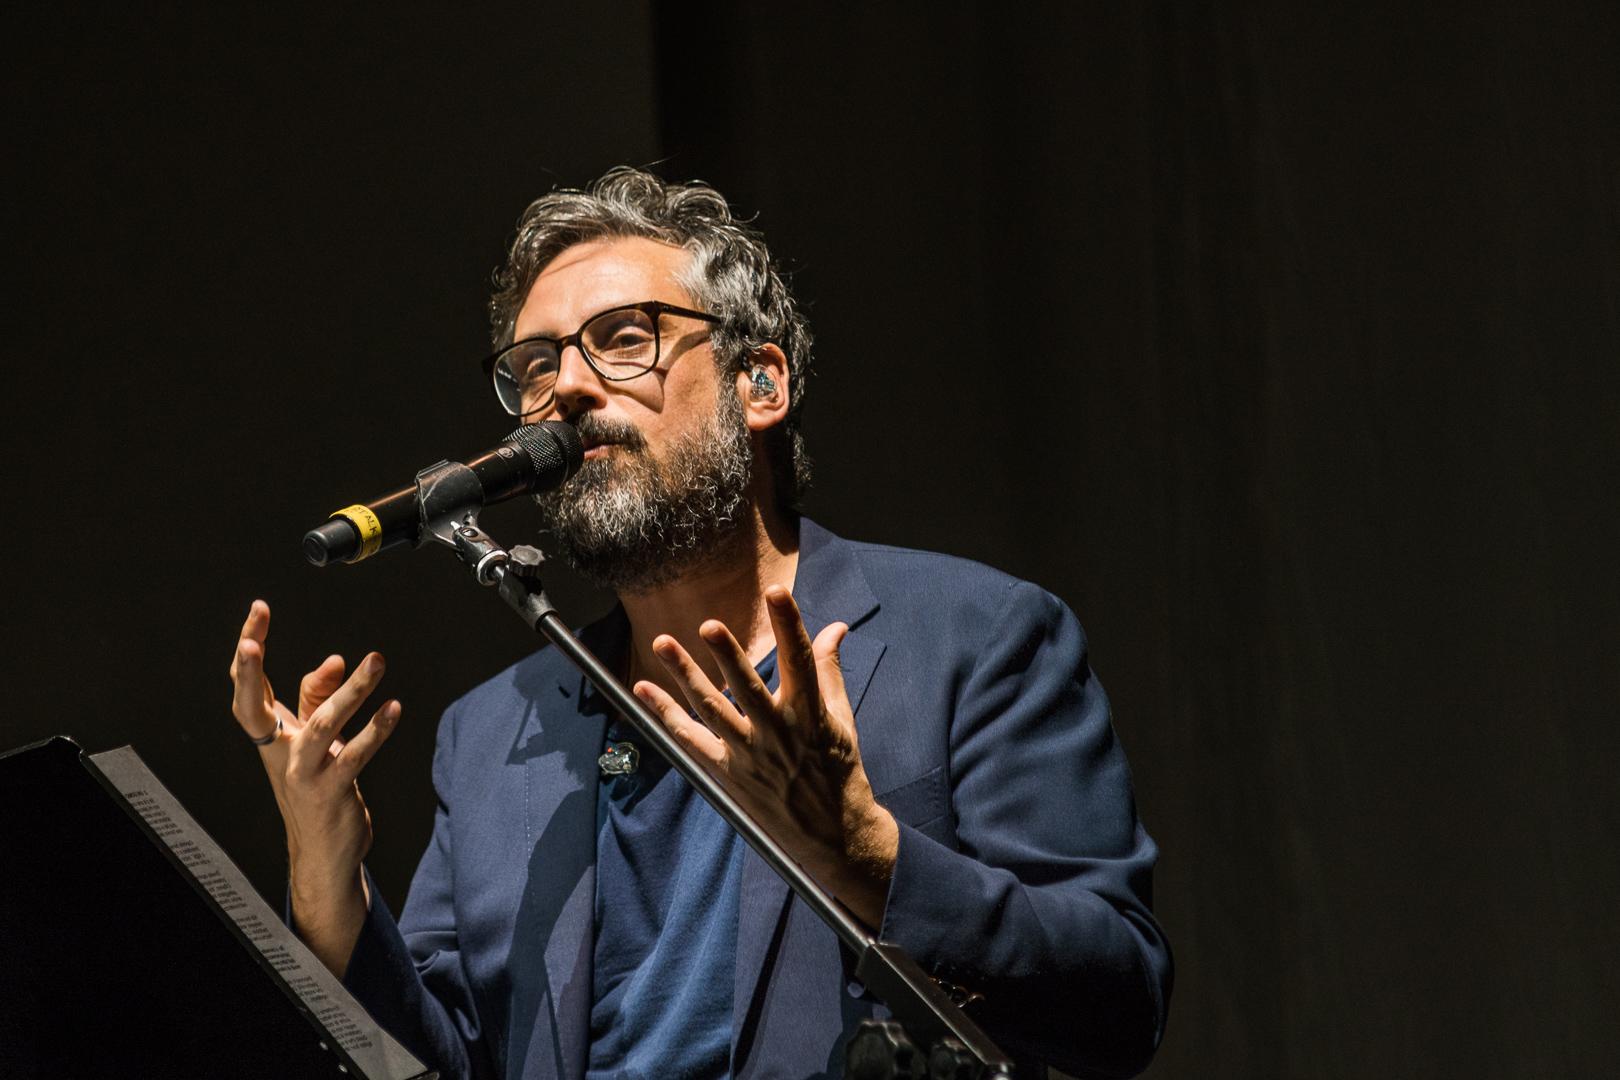 Brunori Sas immortalato nel momento più bello del suo spettacolo all'Ariston, il 27 aprile 2018